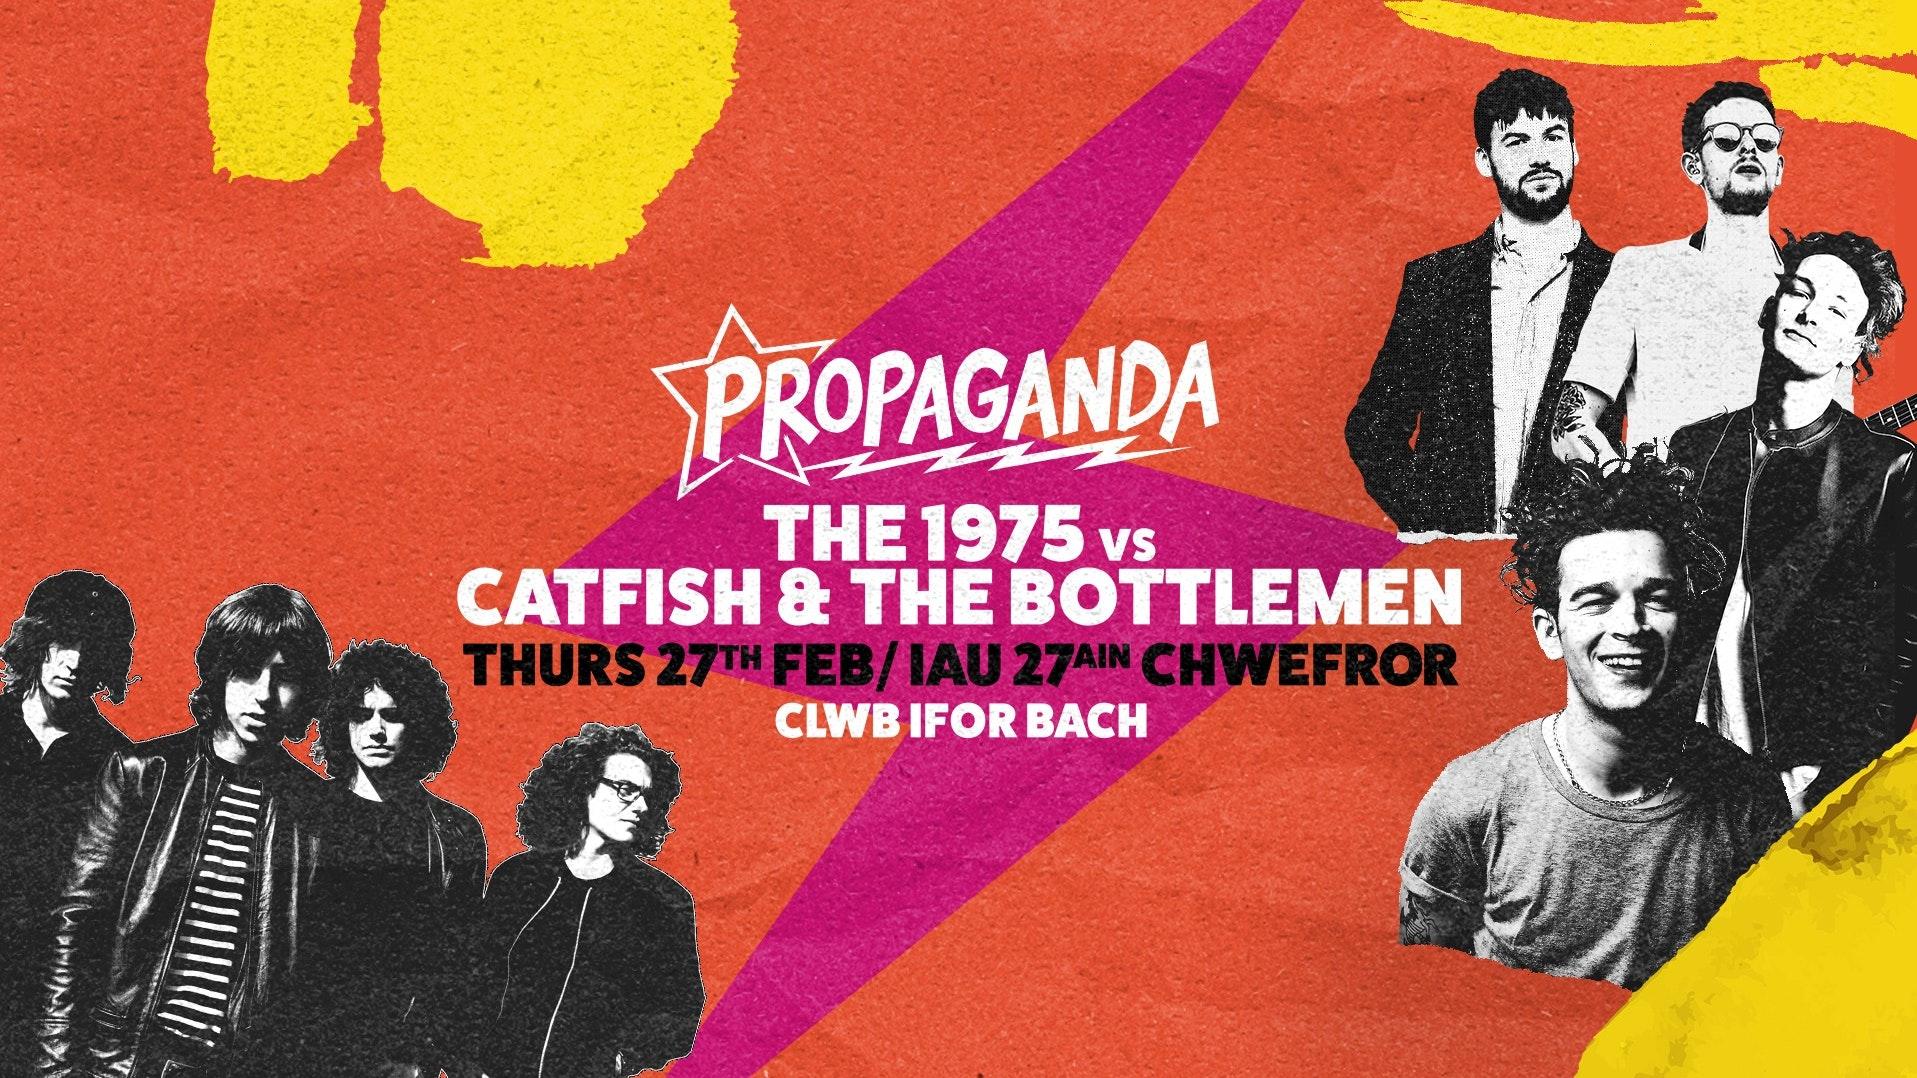 Propaganda Cardiff: The 1975 vs Catfish & The Bottlemen Special!